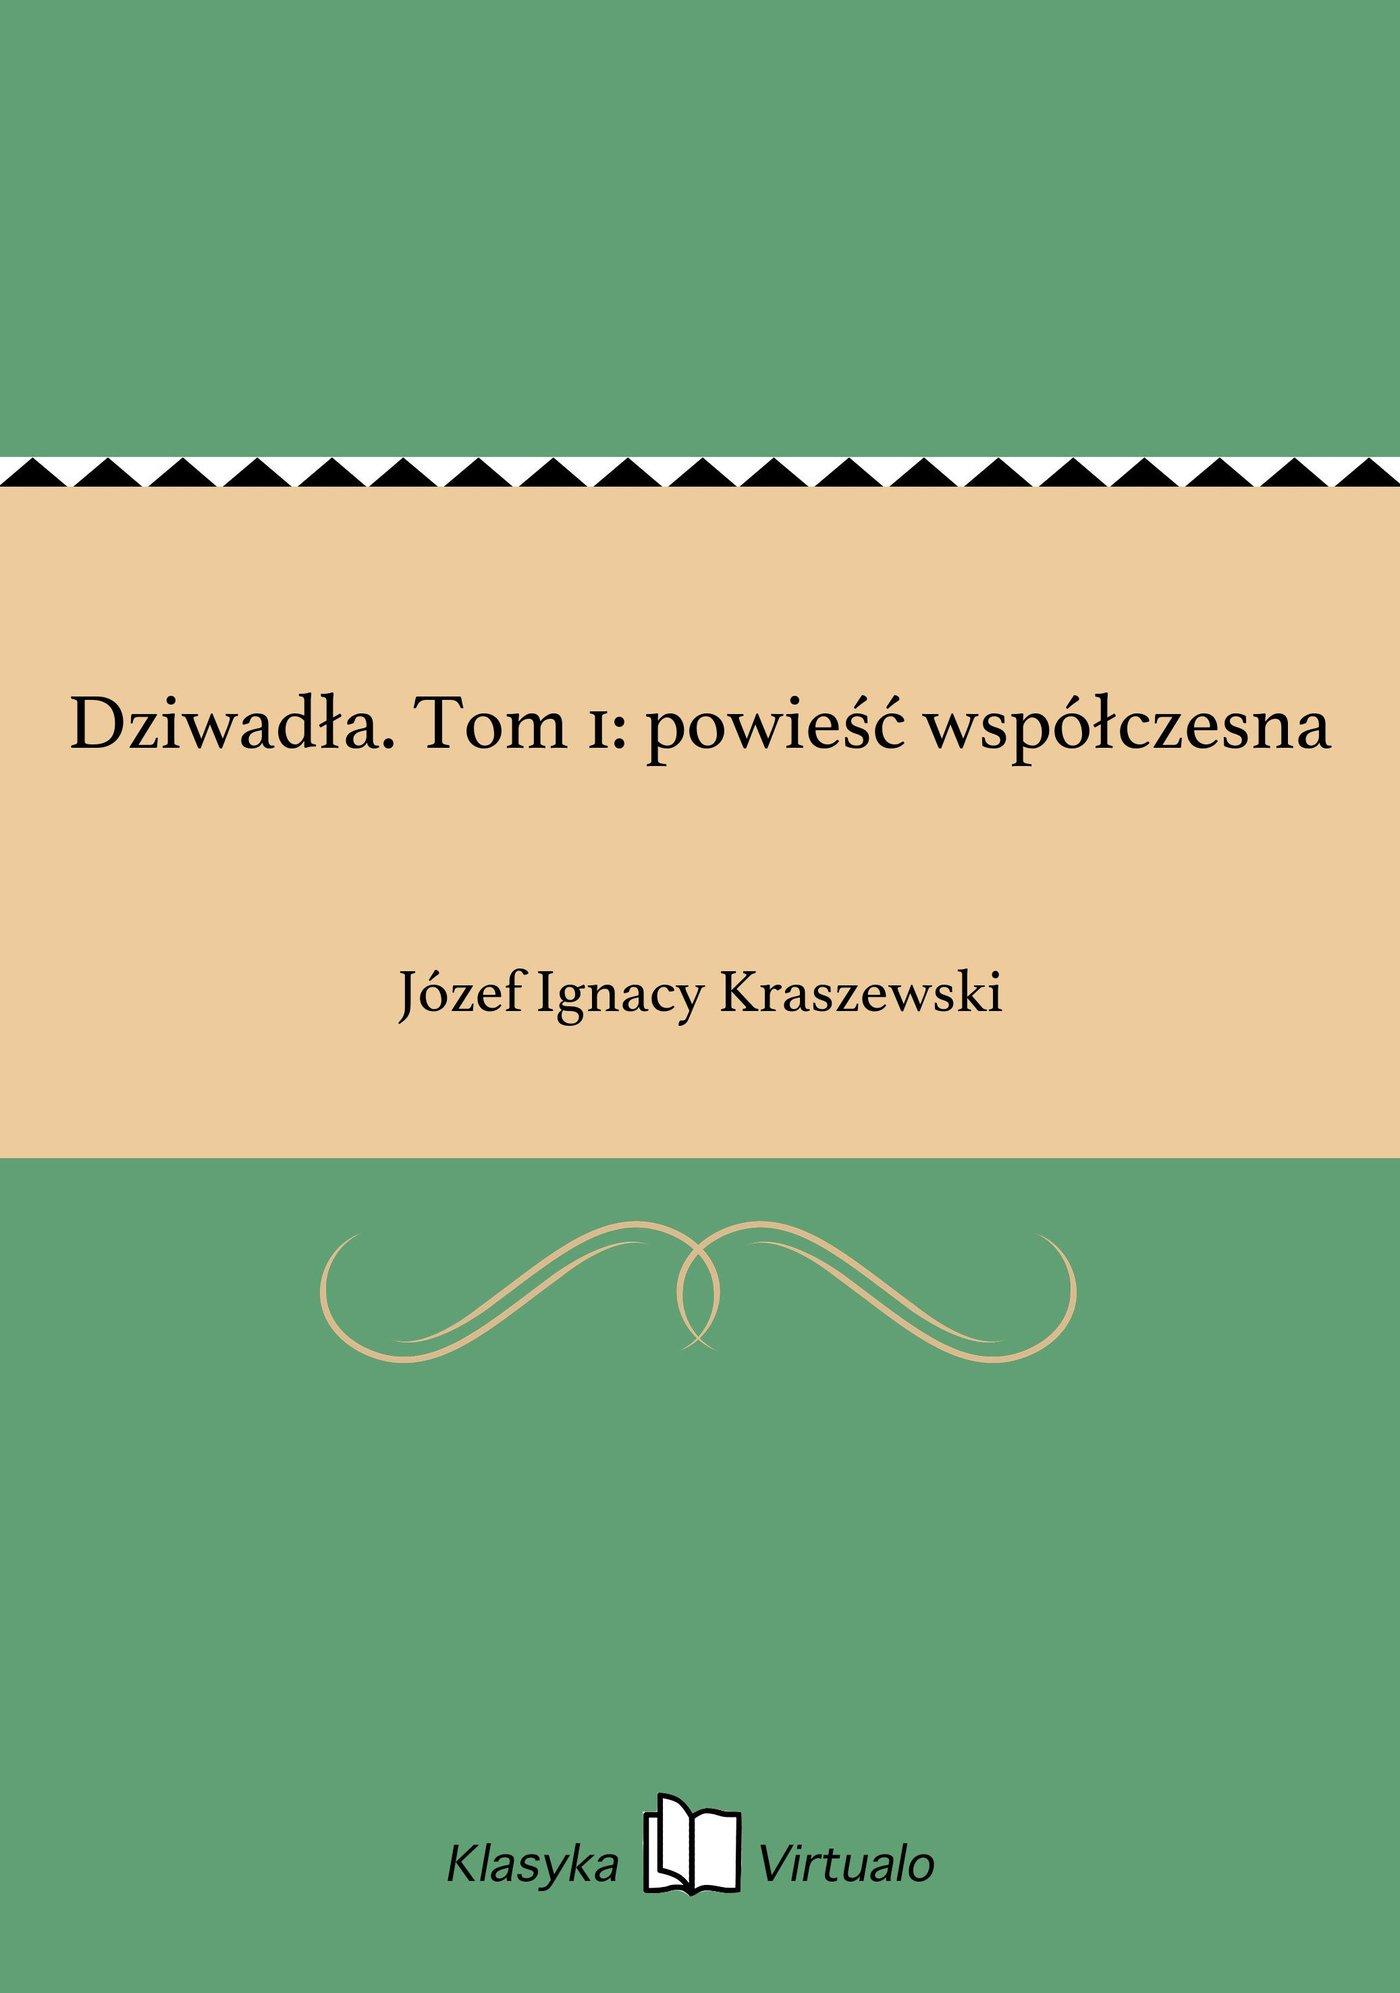 Dziwadła. Tom 1: powieść współczesna - Ebook (Książka EPUB) do pobrania w formacie EPUB